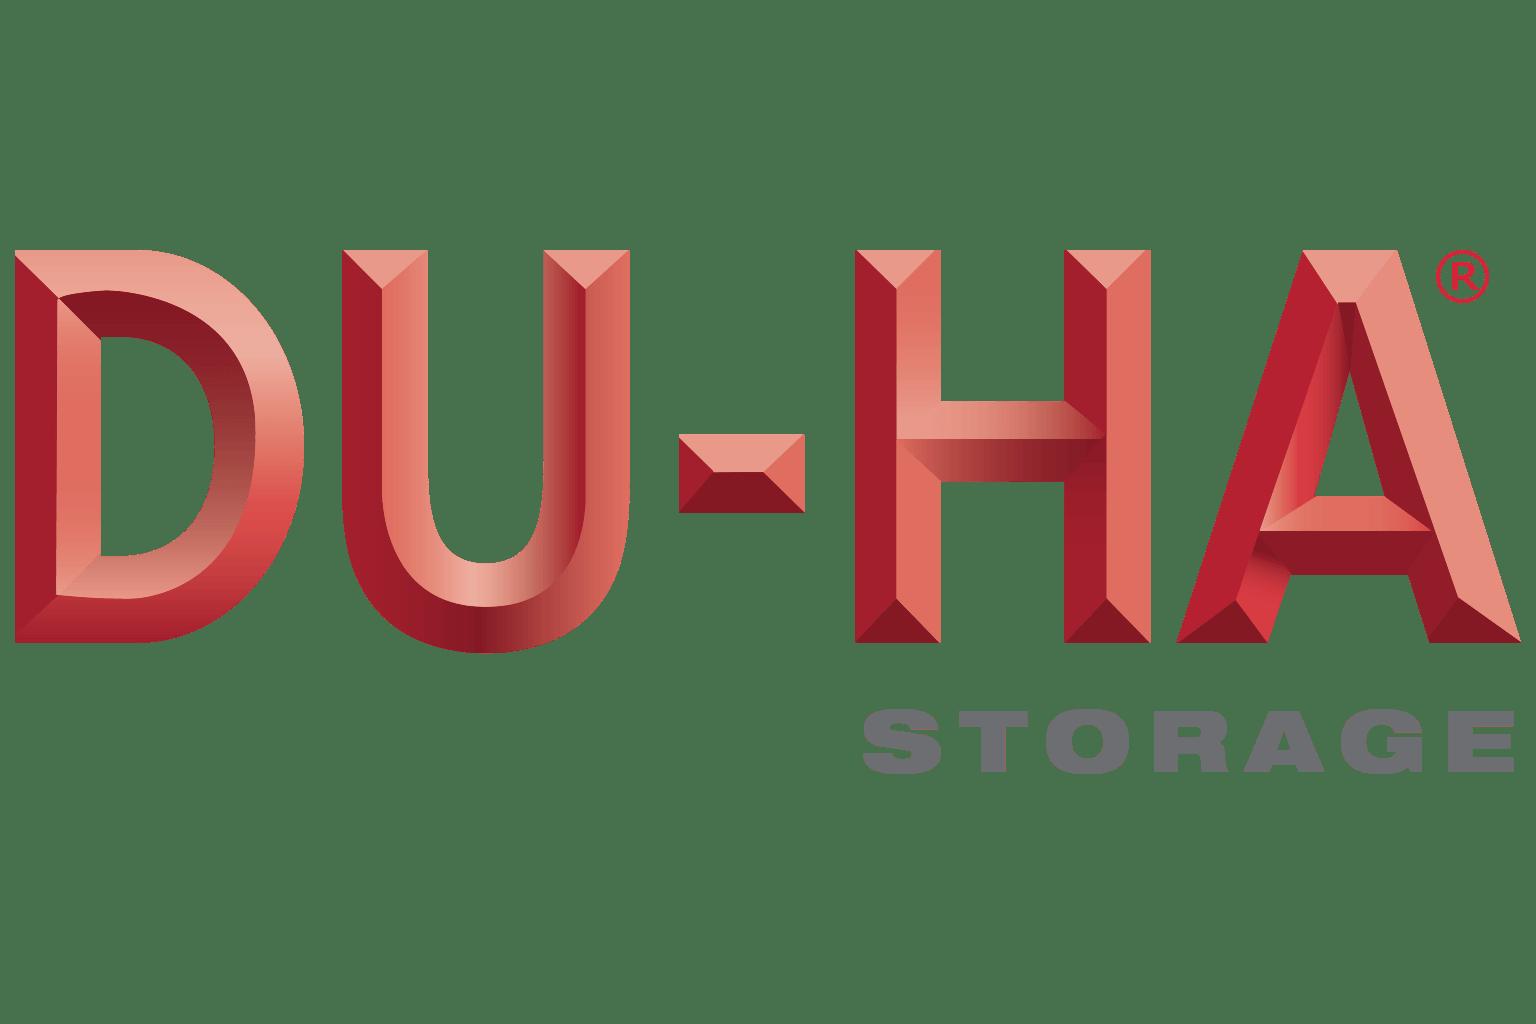 DU-HA 20213 Brown Under Seat Truck Storage